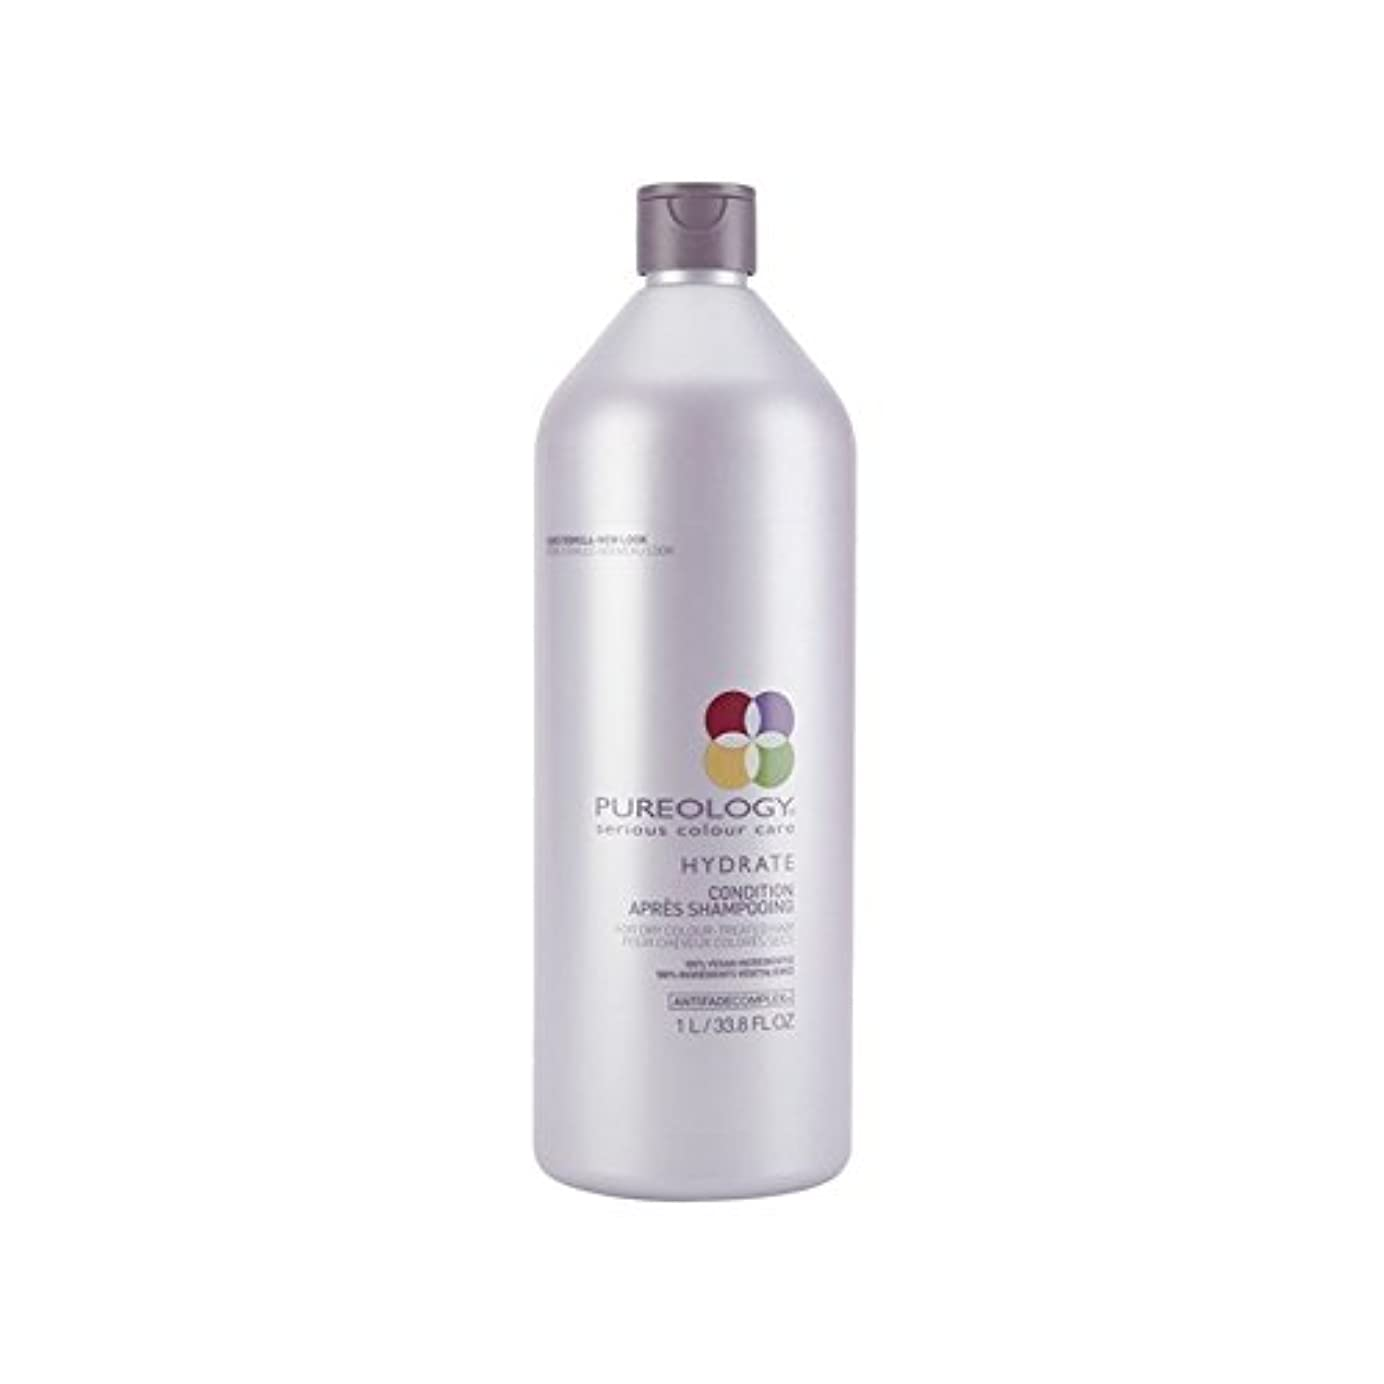 ヒューバートハドソン卒業ラショナル純粋な水和物コンディショナー(千ミリリットル) x2 - Pureology Pure Hydrate Conditioner (1000ml) (Pack of 2) [並行輸入品]